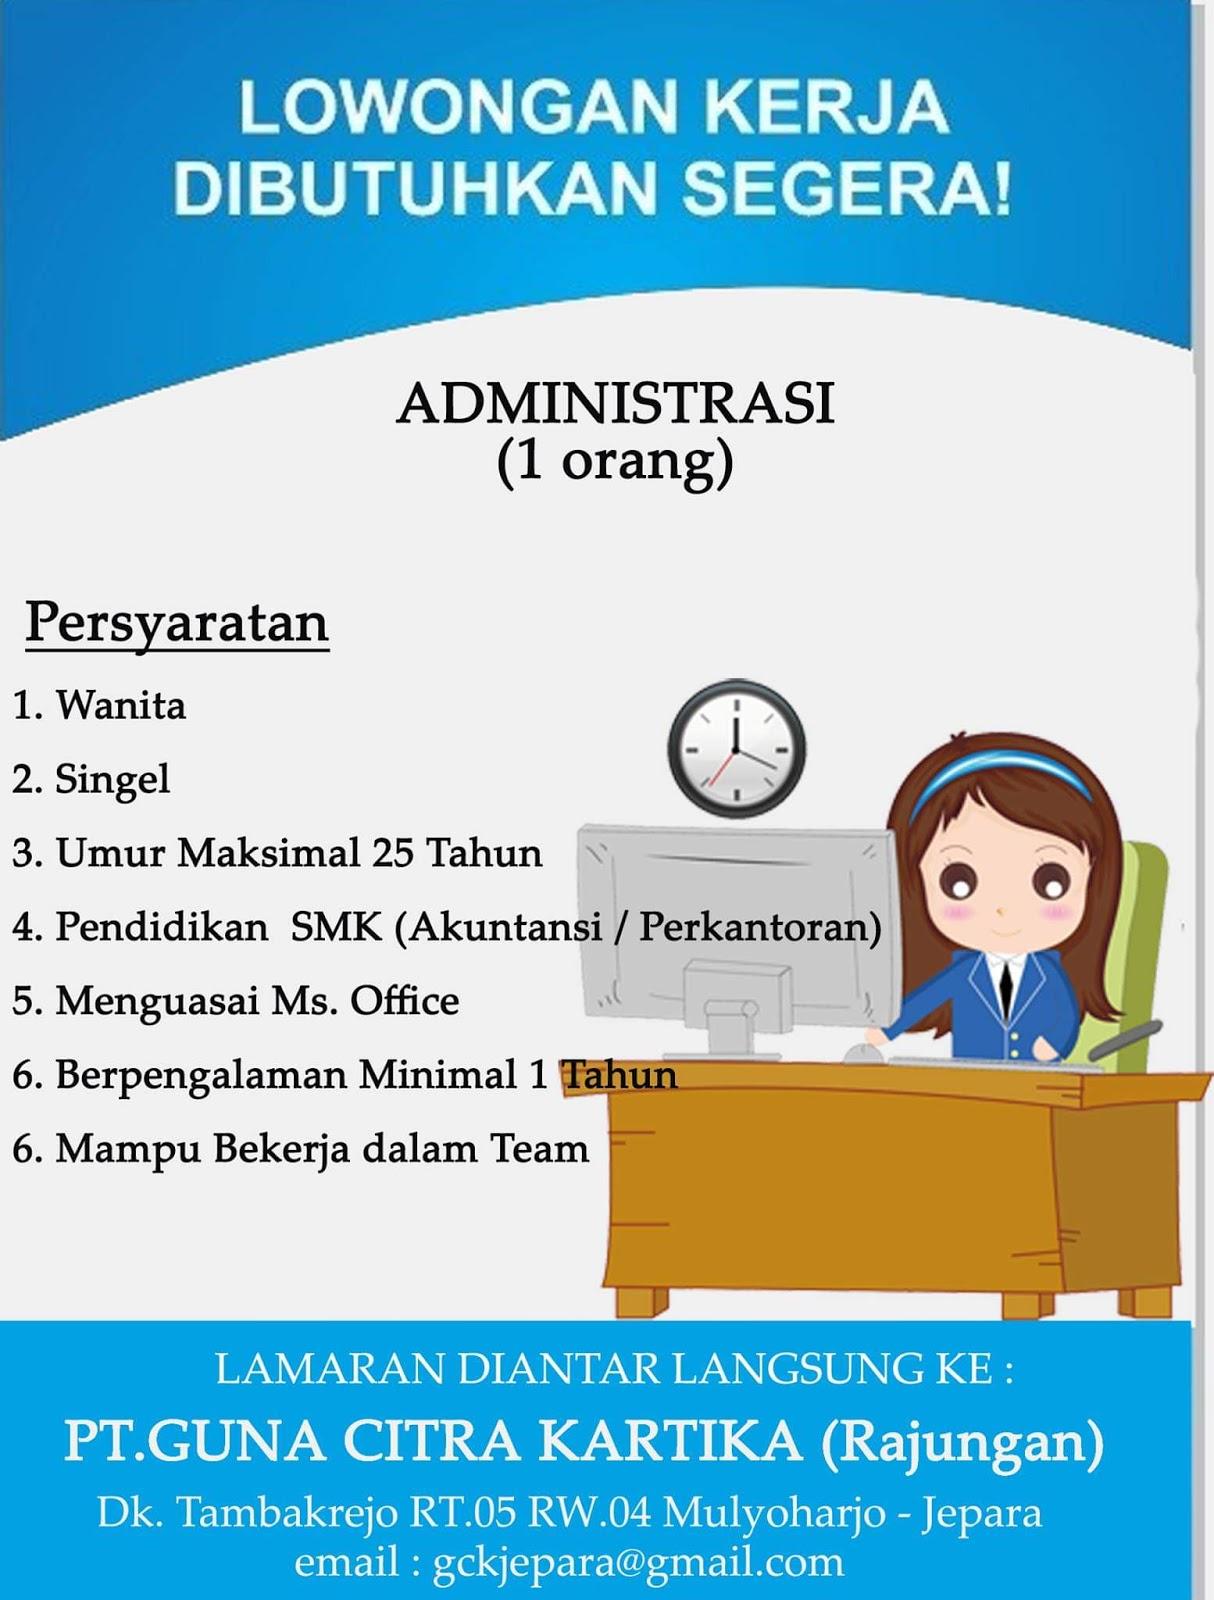 Kuduskerja informasi lowongan kerja hari ini, PT. Guna Citra Kartika (Rajungan) Sedang membuka kesempatan berkerja sebagai Administrasi dengan ketentuan sebagai berikut